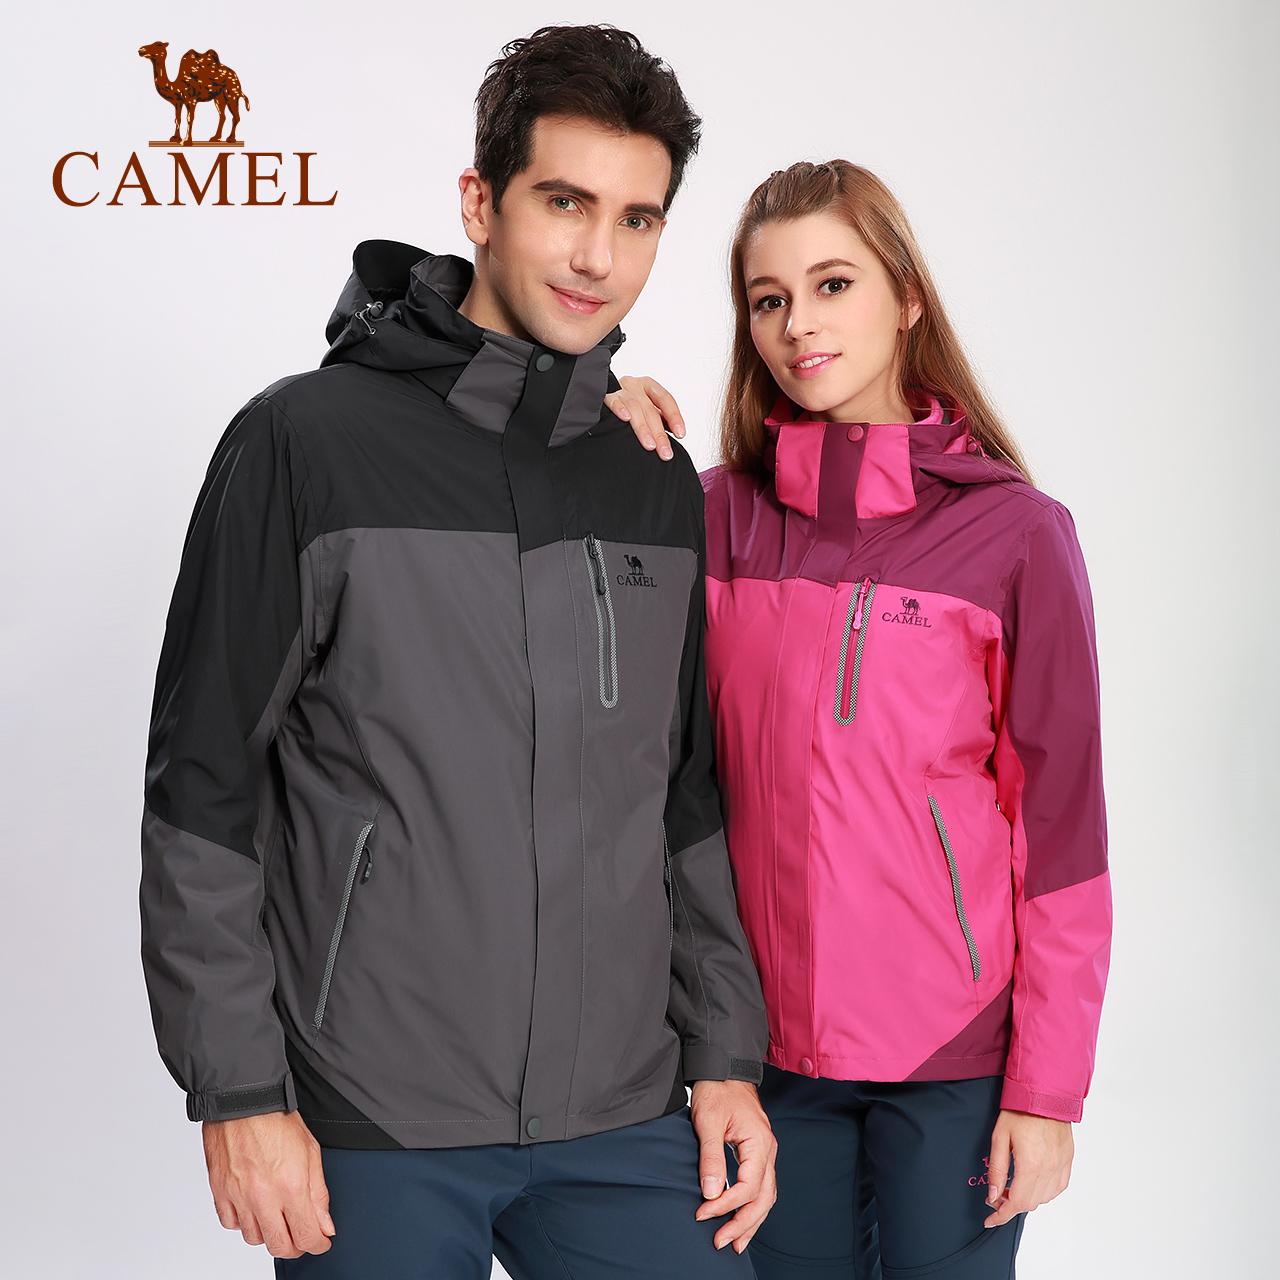 骆驼户外冲锋衣男女加绒加厚东丽面料 三合一两件套防雨登山服女